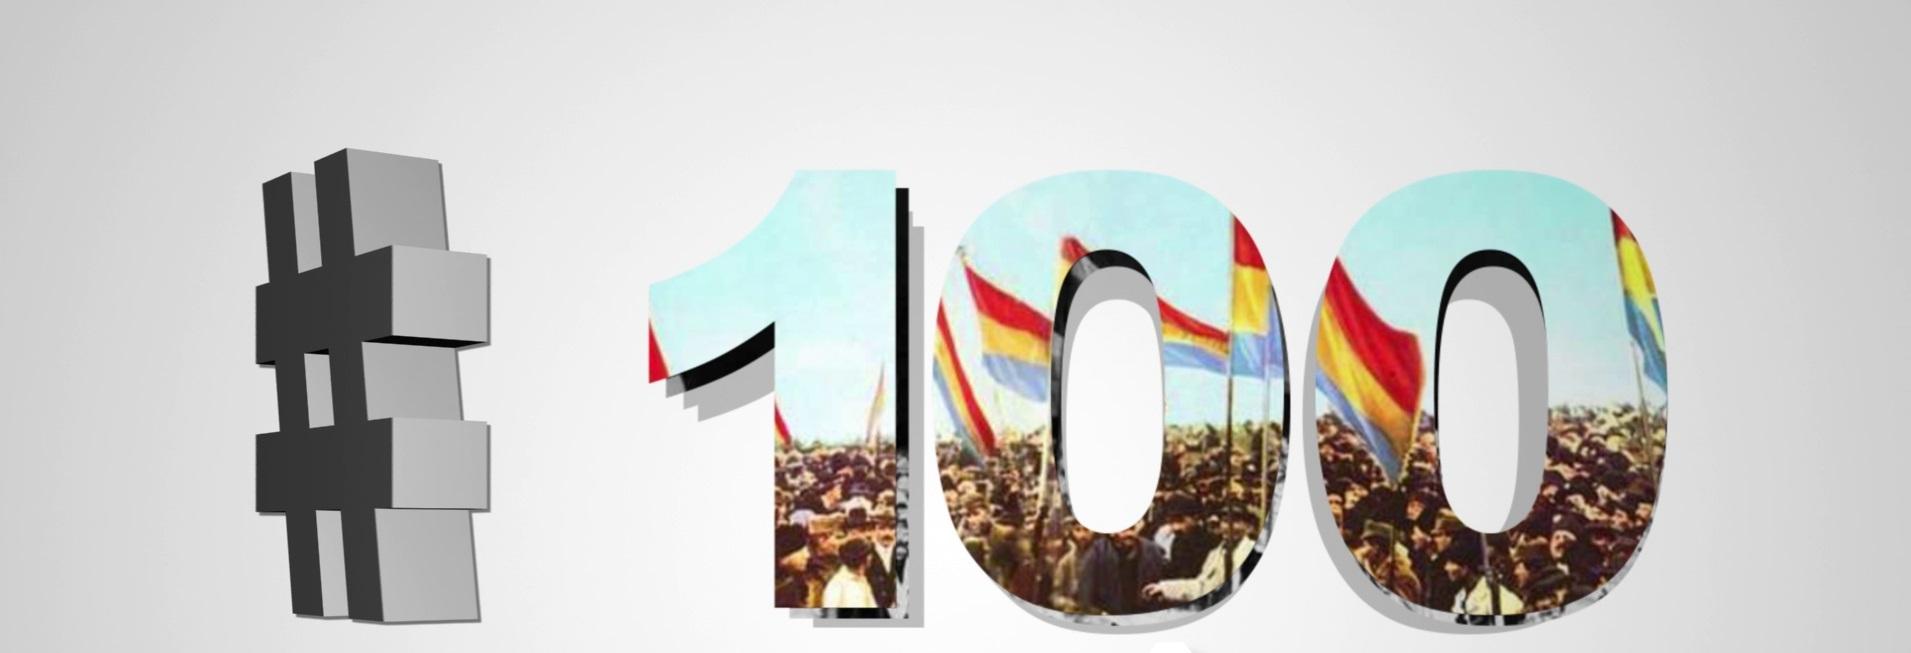 #100/ 100 de ani în 100 de momente | ANUL 1924:  Echipa de rugby a României cucereşte prima medalie olimpică